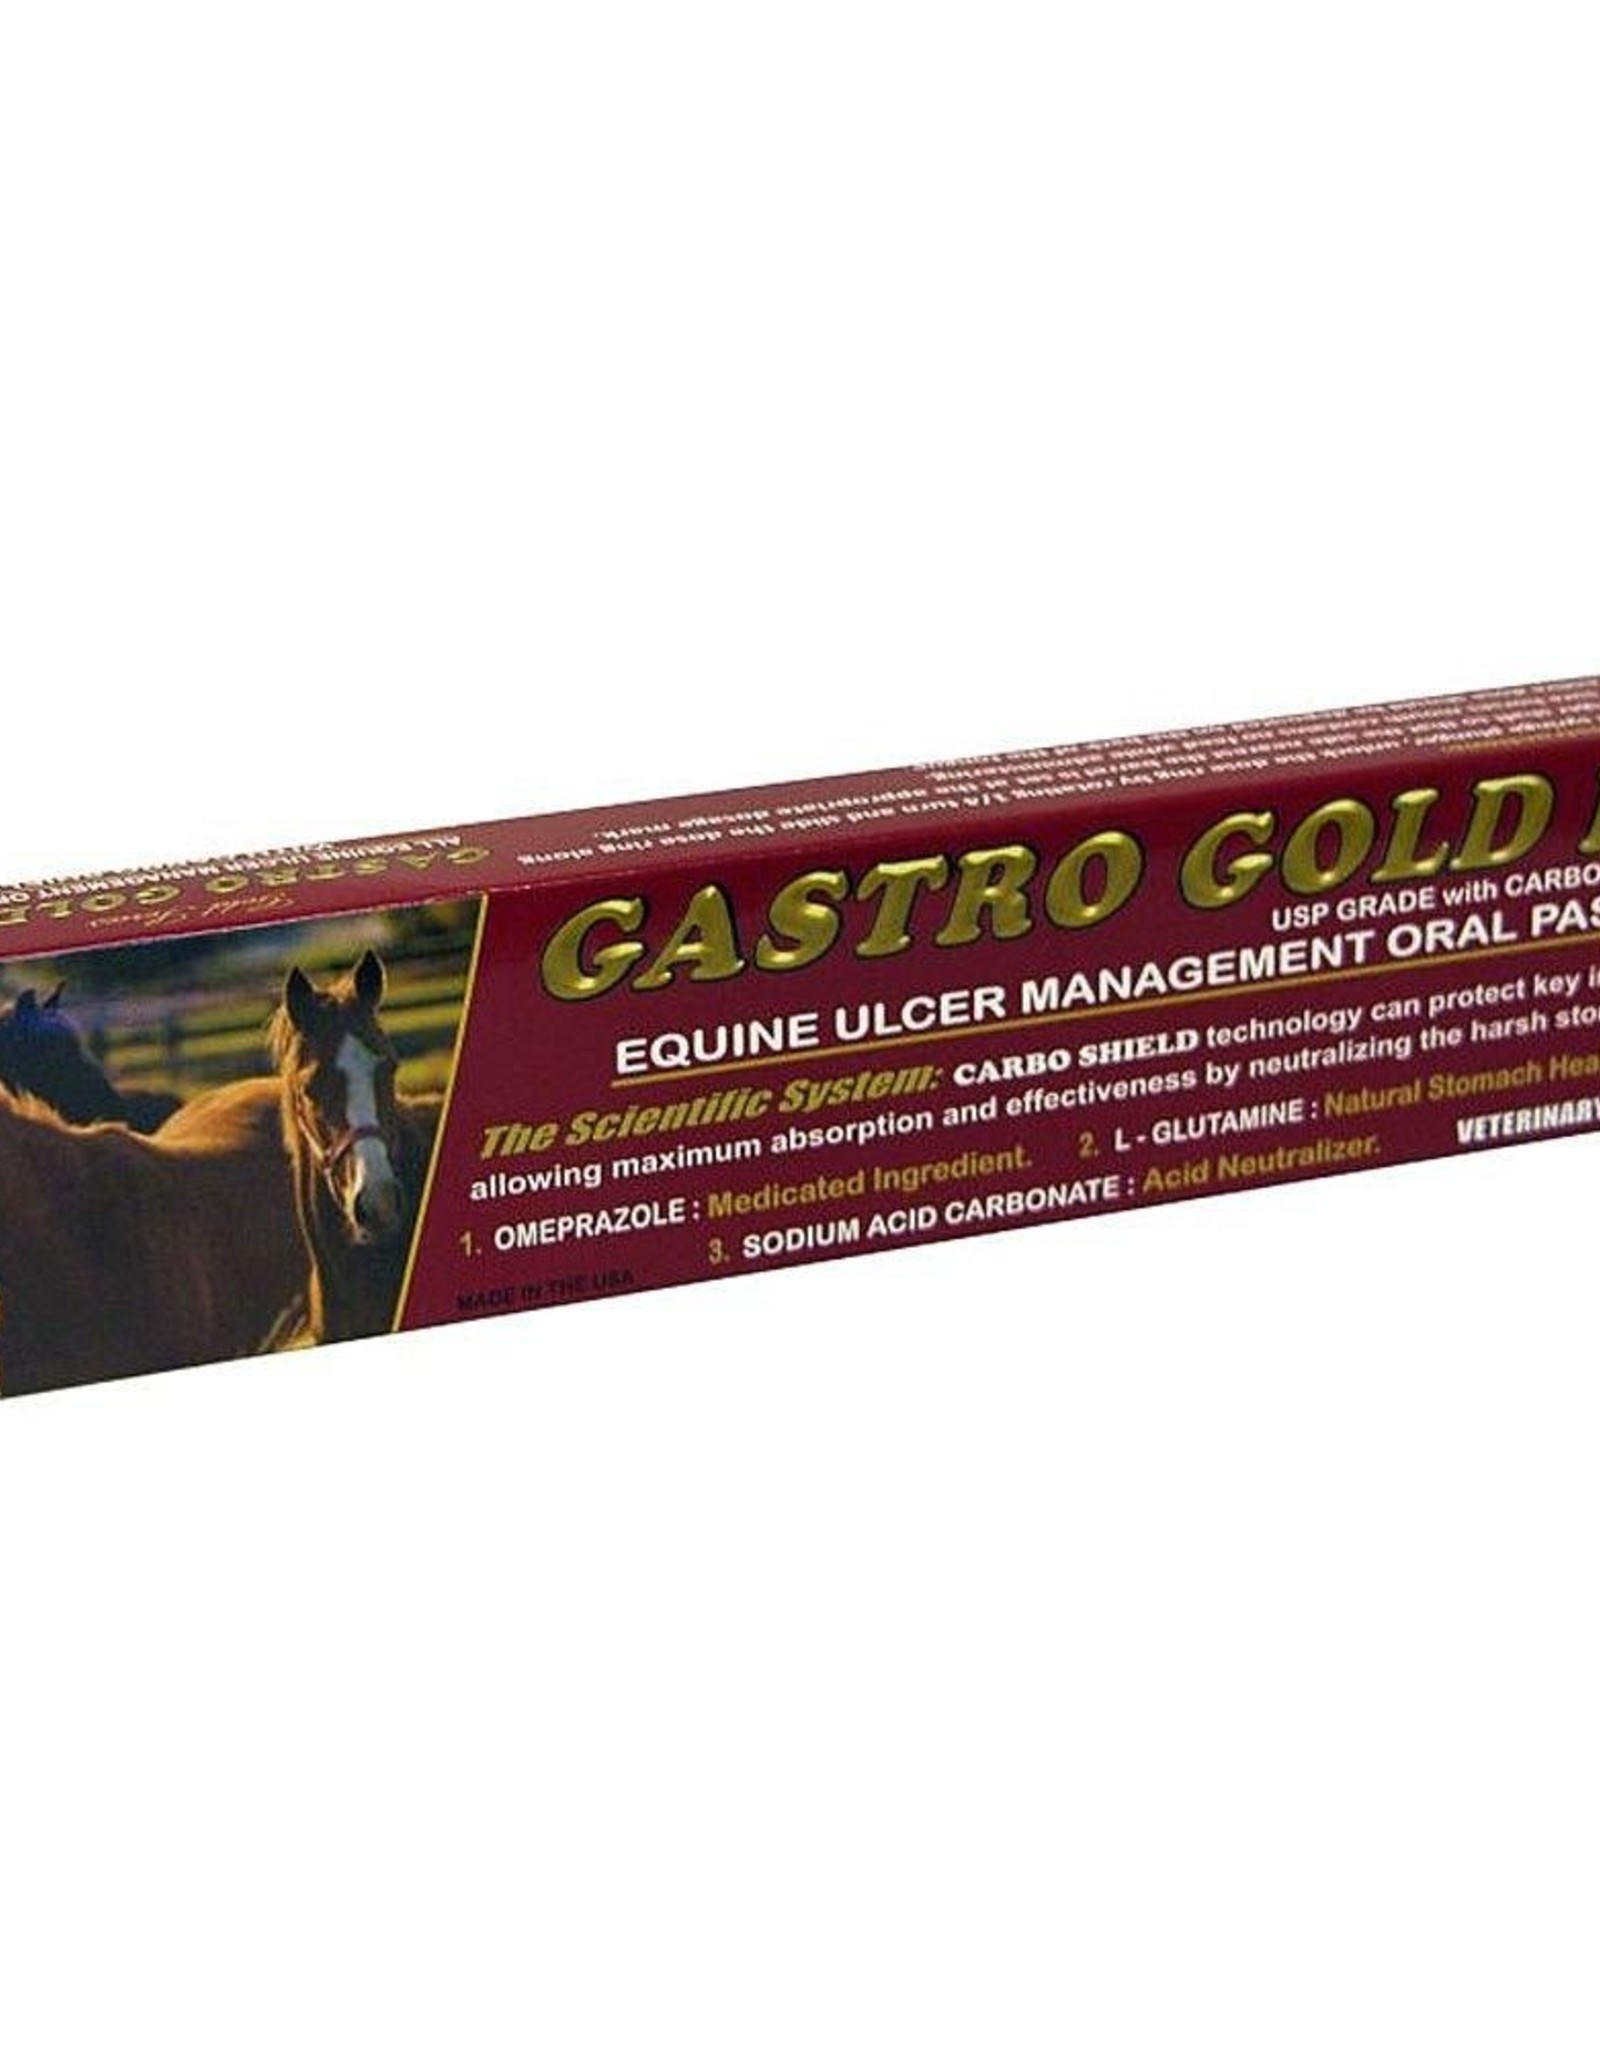 Gastro Gold III Paste